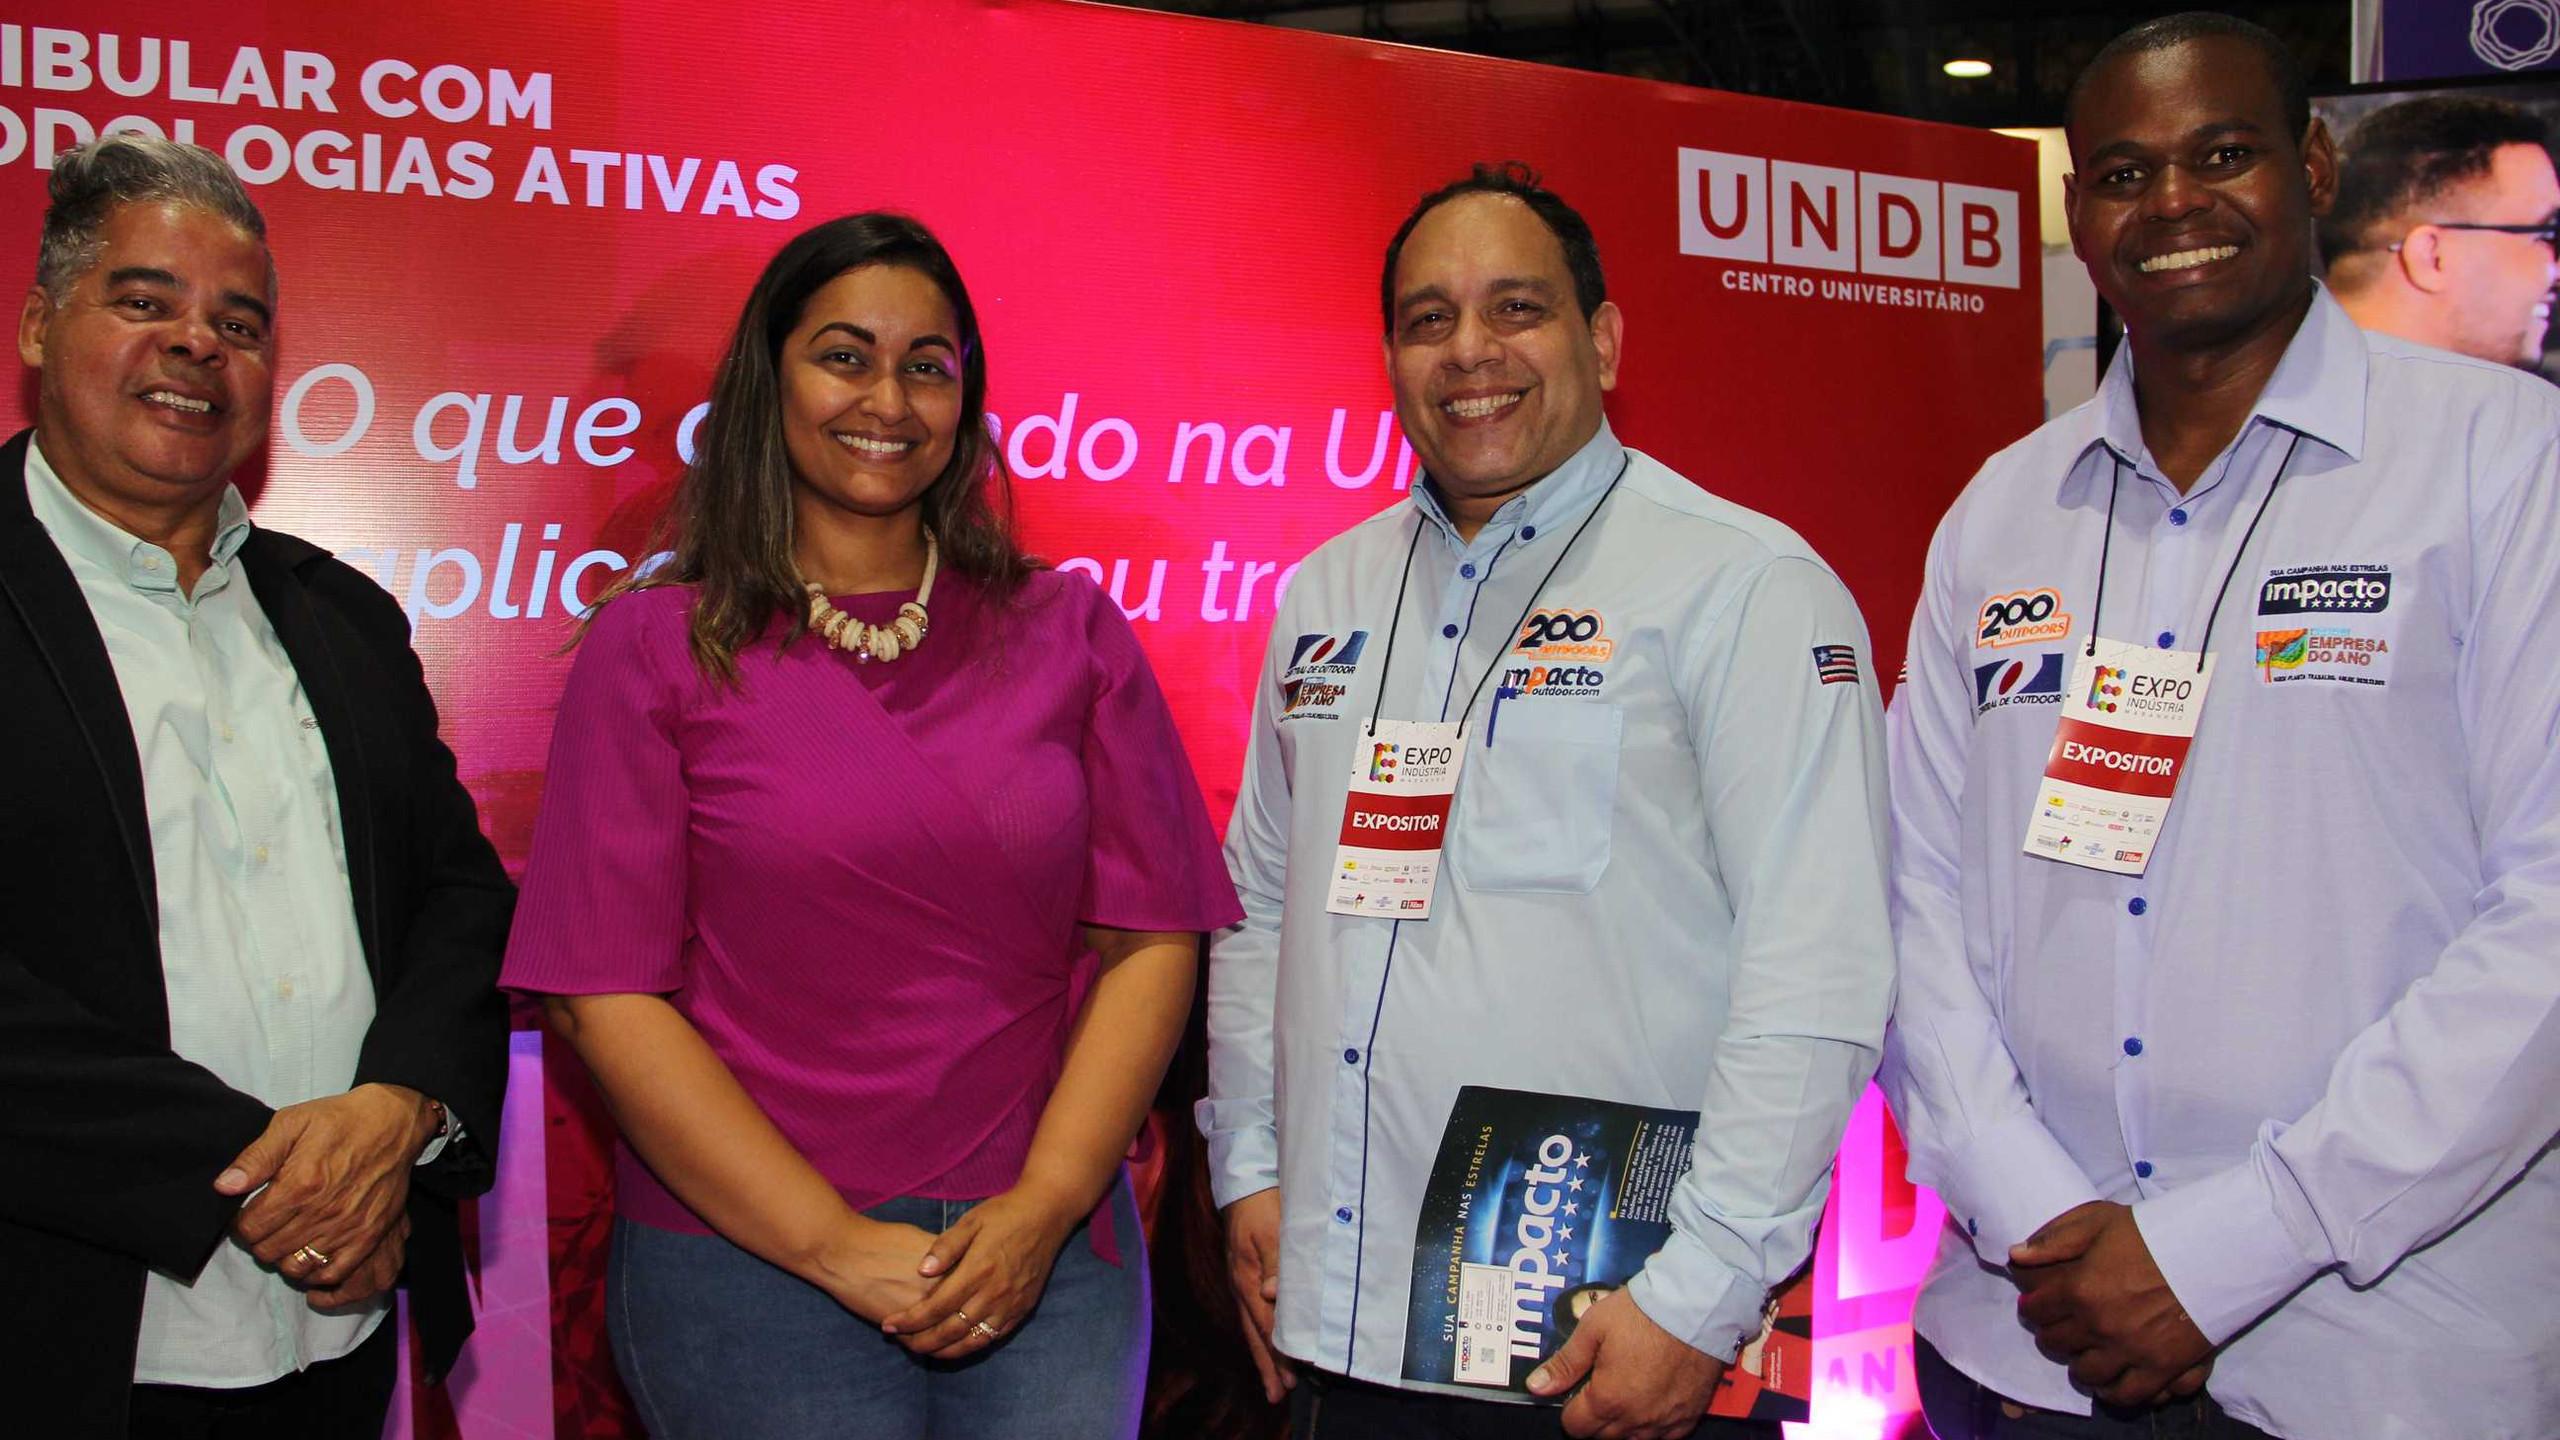 Nathália Ramos (UNDB e DB) entre Jorge Maciel, Paulo Lima e Marcelo Vieira da Impacto Outdoor.